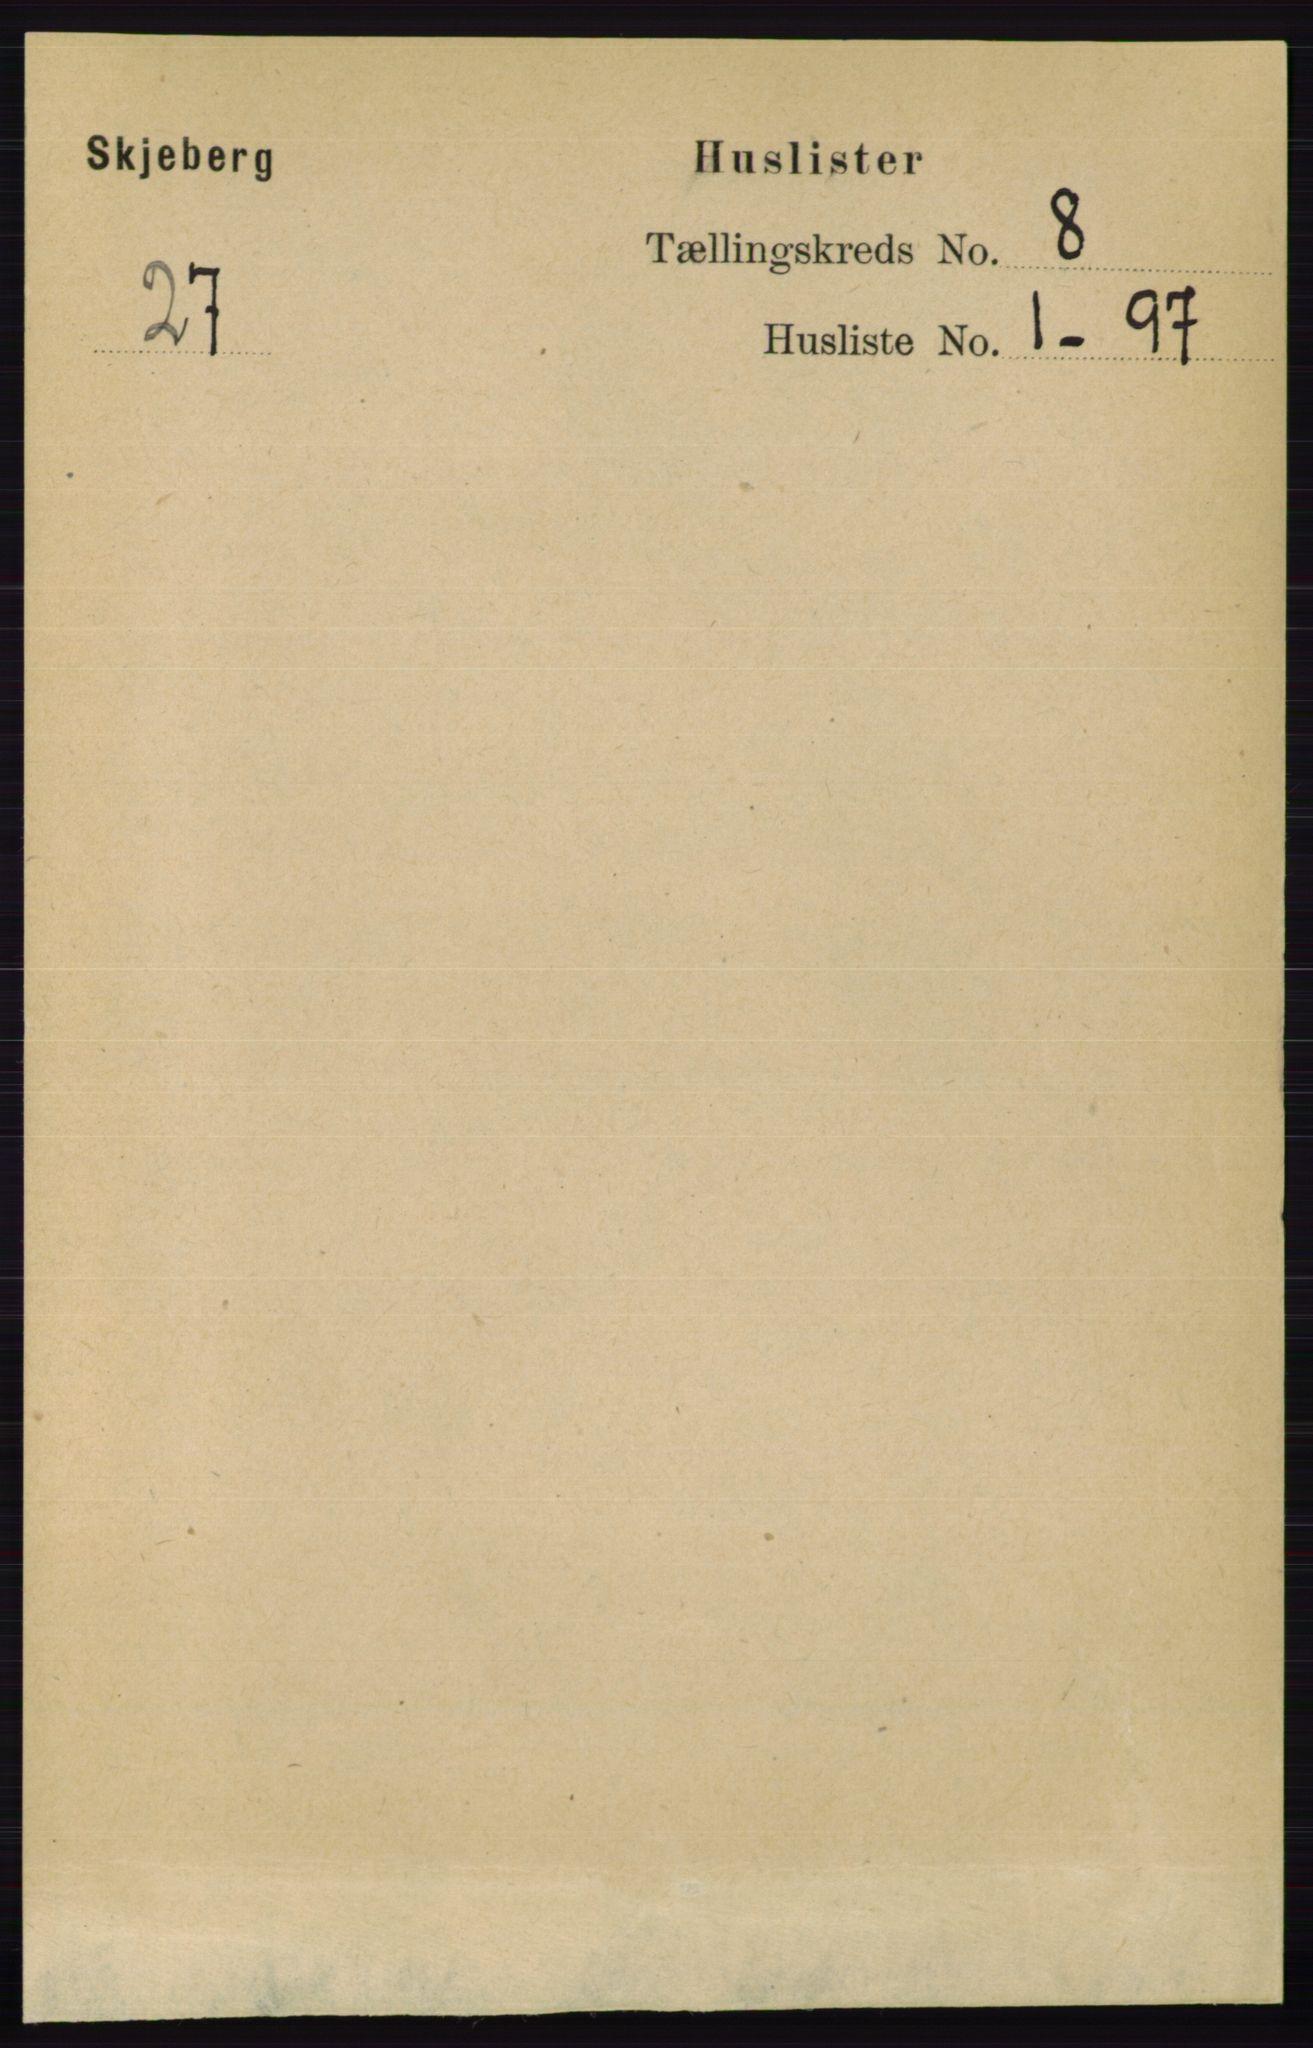 RA, Folketelling 1891 for 0115 Skjeberg herred, 1891, s. 3869